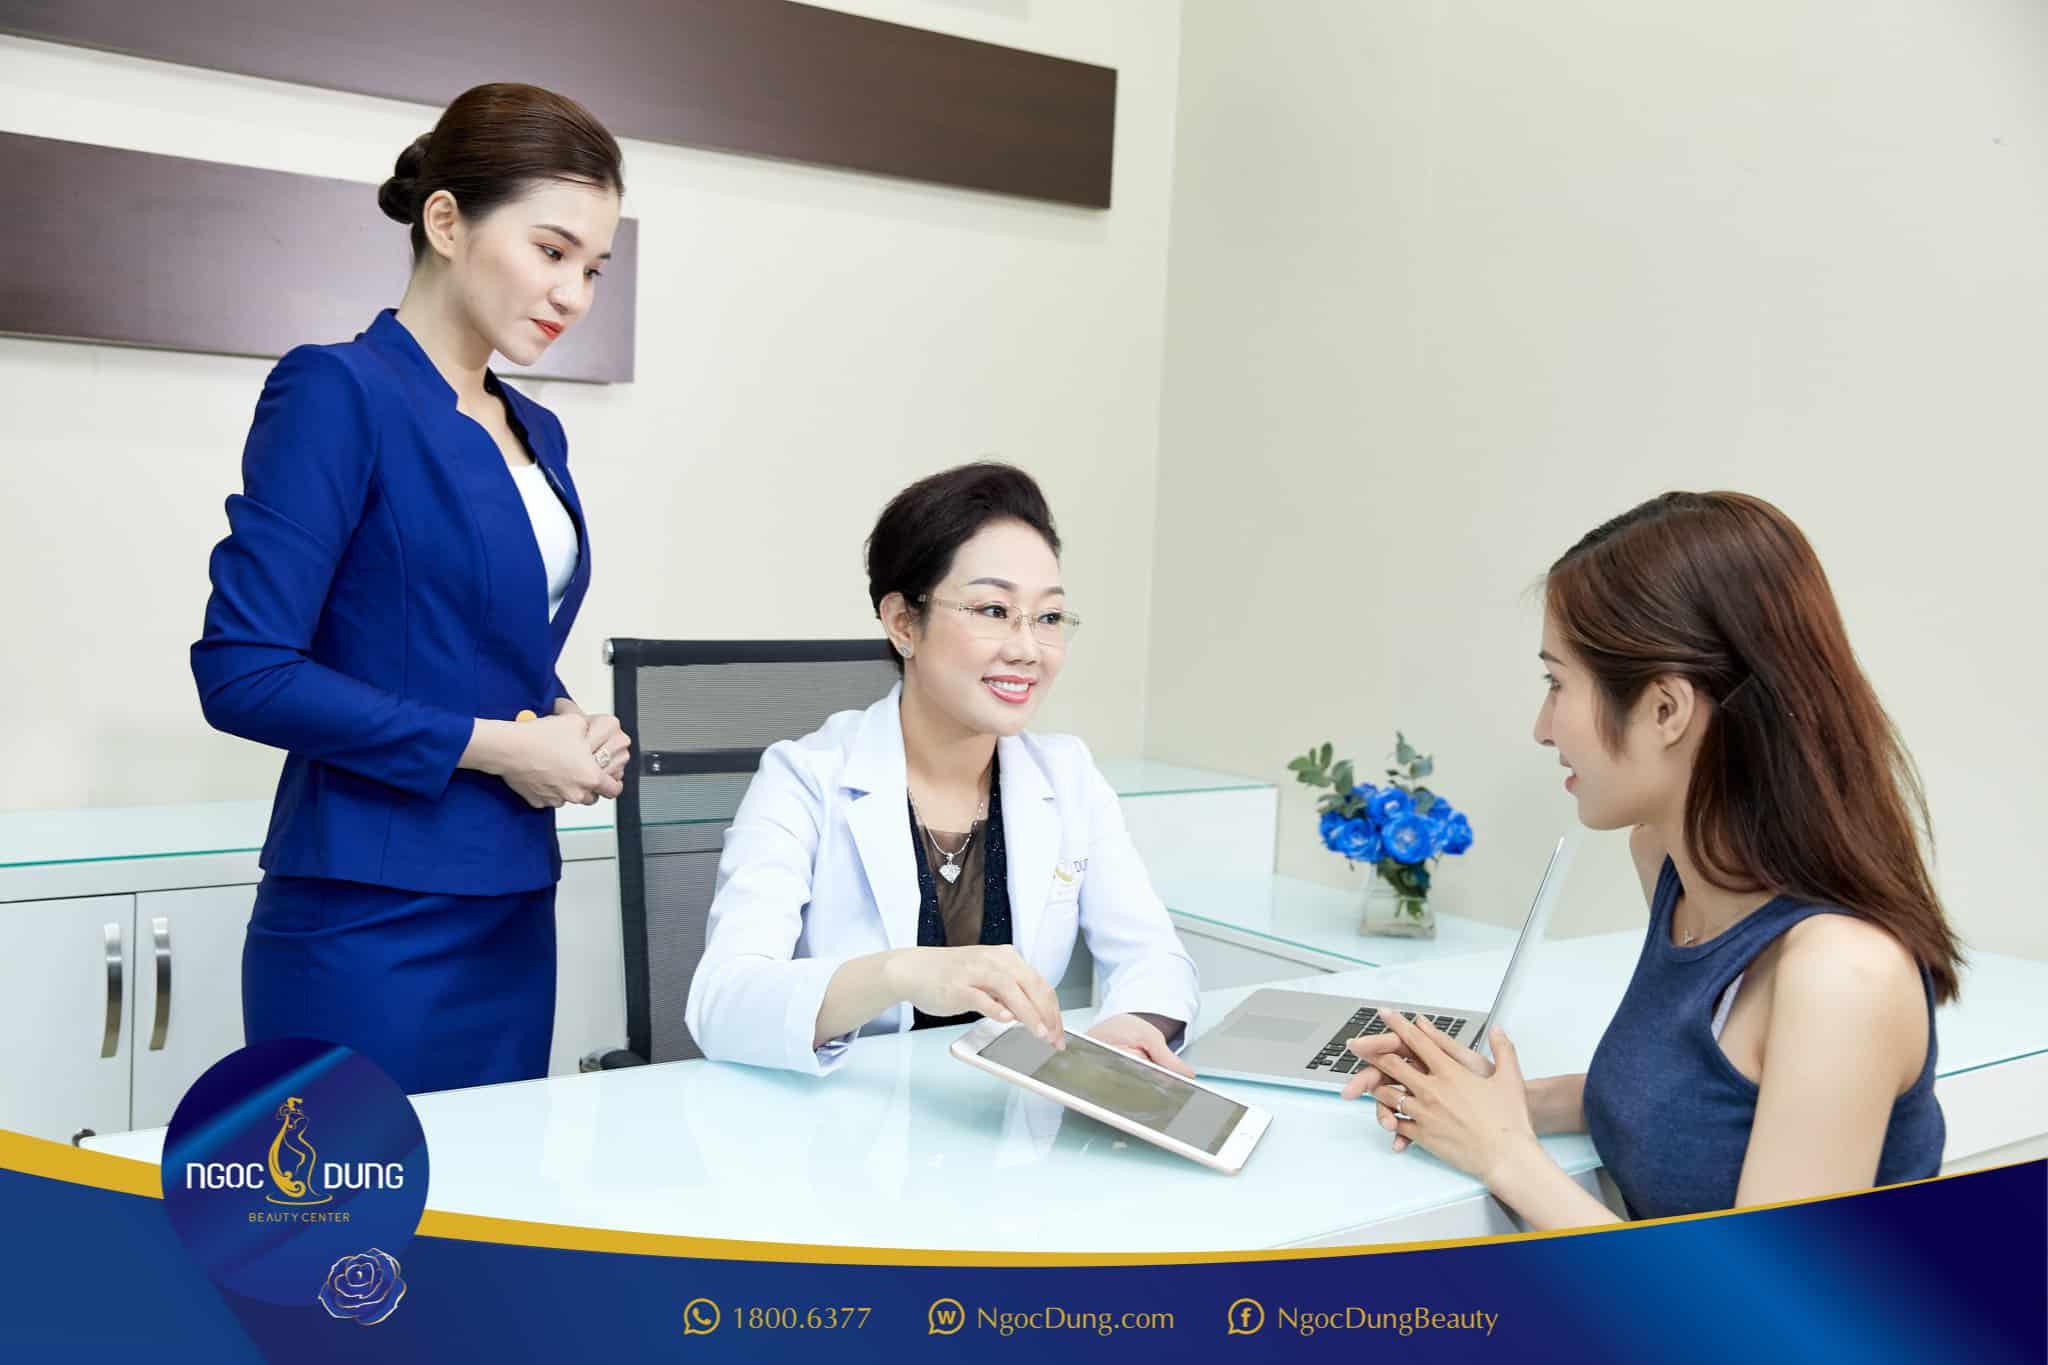 Trước khi thực hiện dịch vụ, khách hàng sẽ được thăm khám và cam kết hiệu quả sau liệu trình